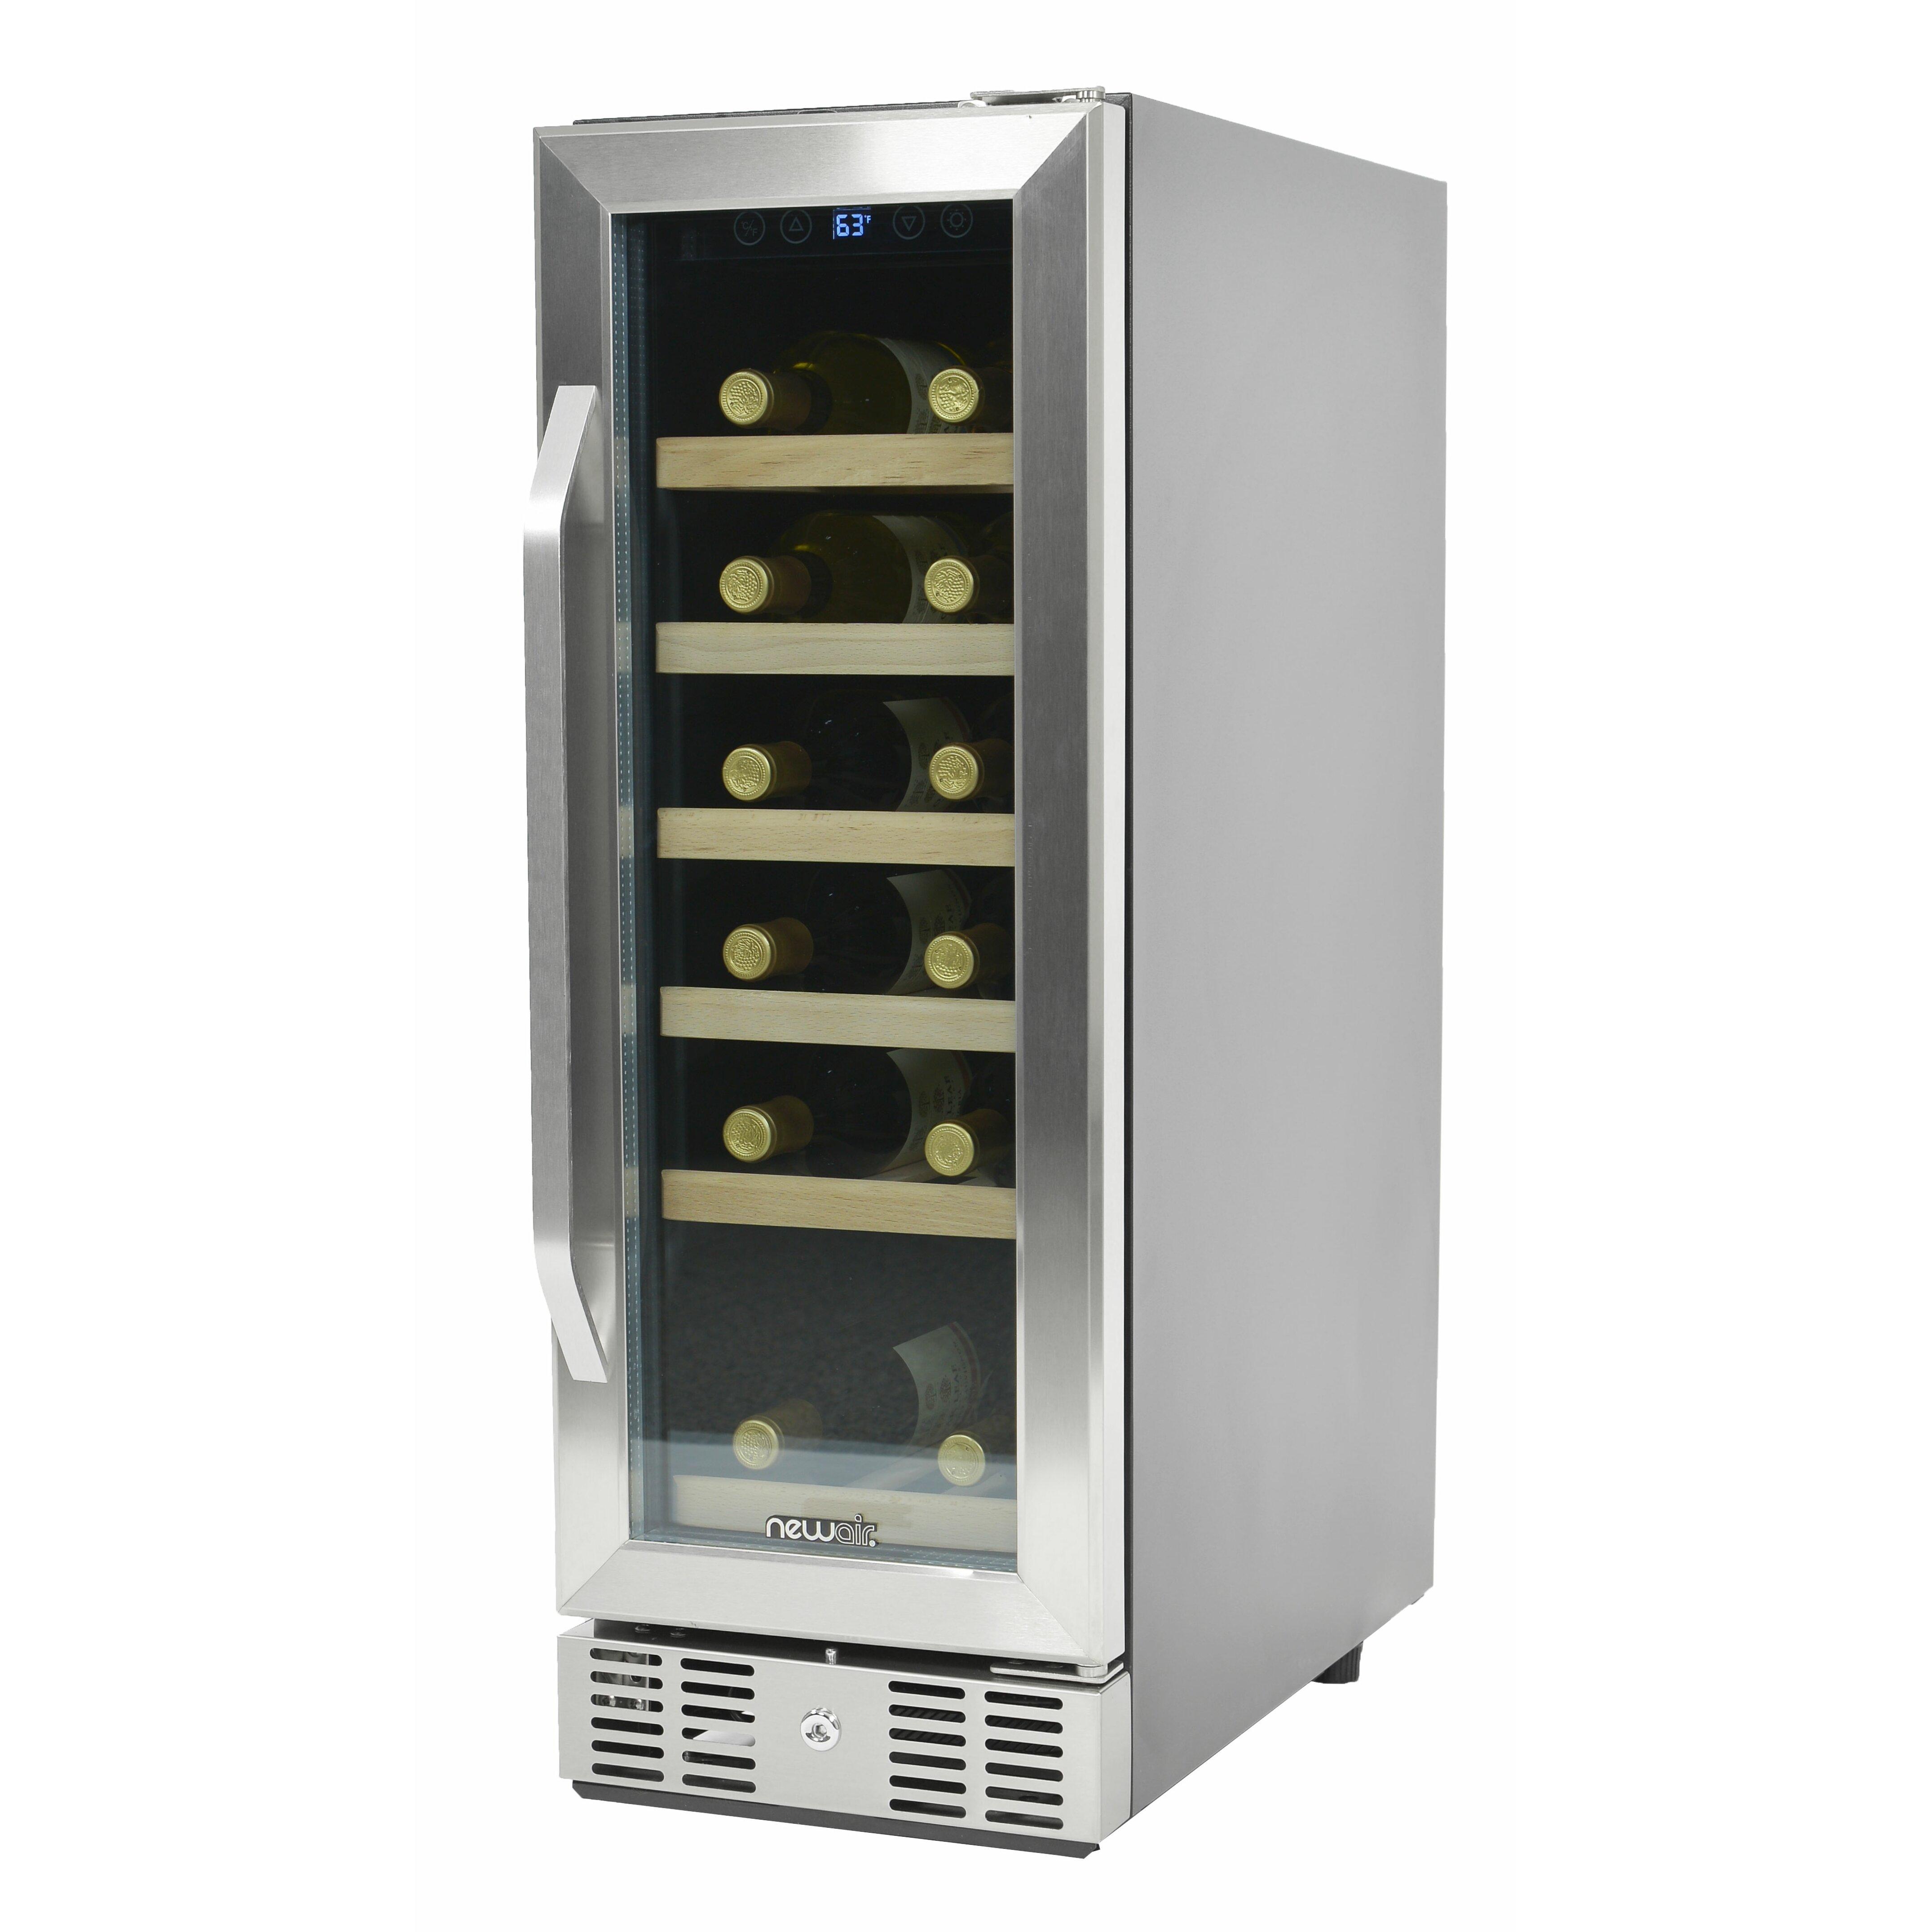 Newair 19 Bottle Single Zone Built In Wine Refrigerator